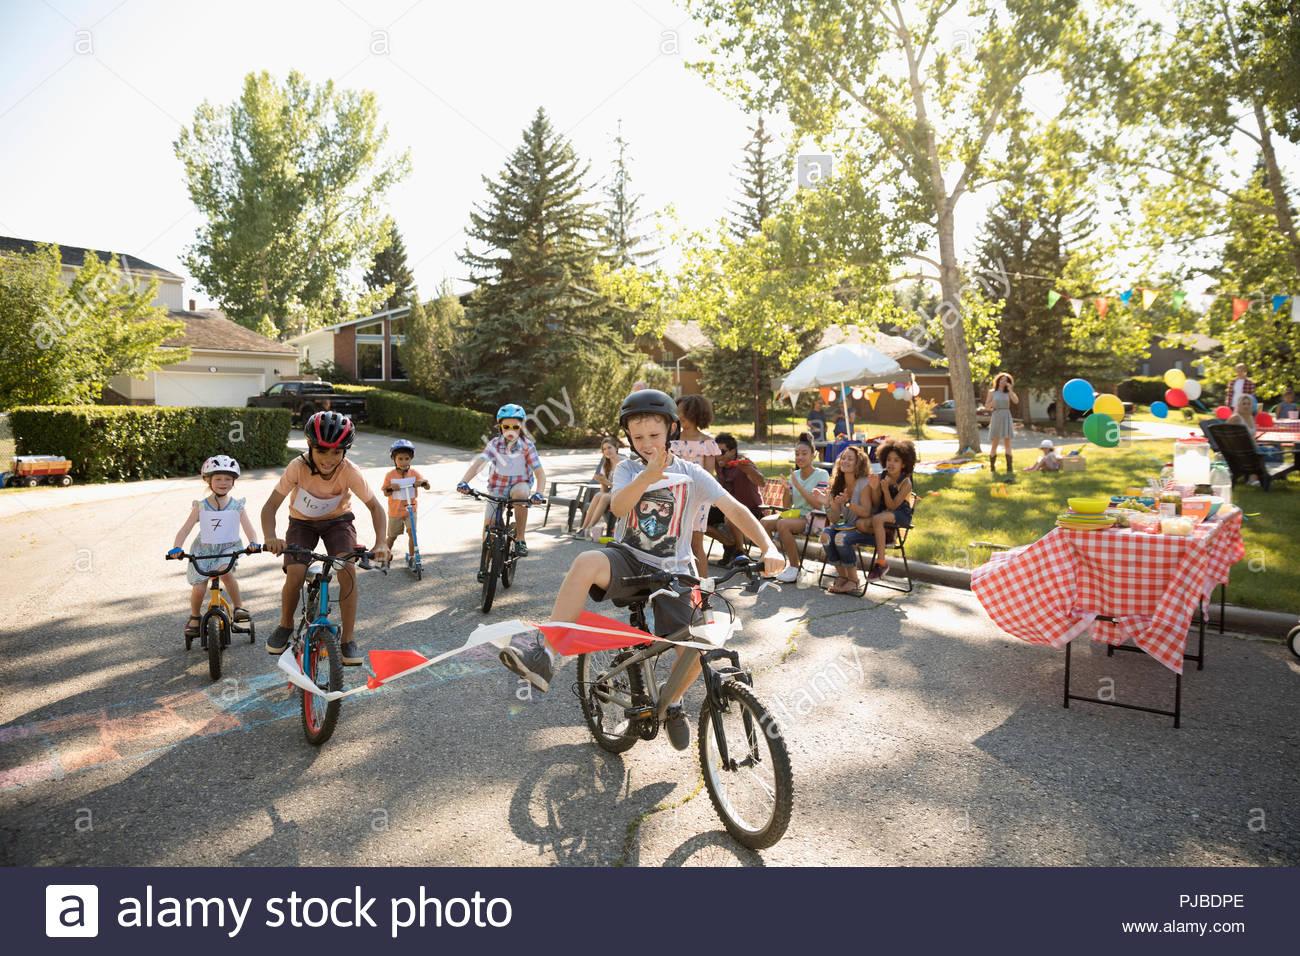 Les enfants bénéficiant d'une course de VTT de l'été fête de quartier à Photo Stock